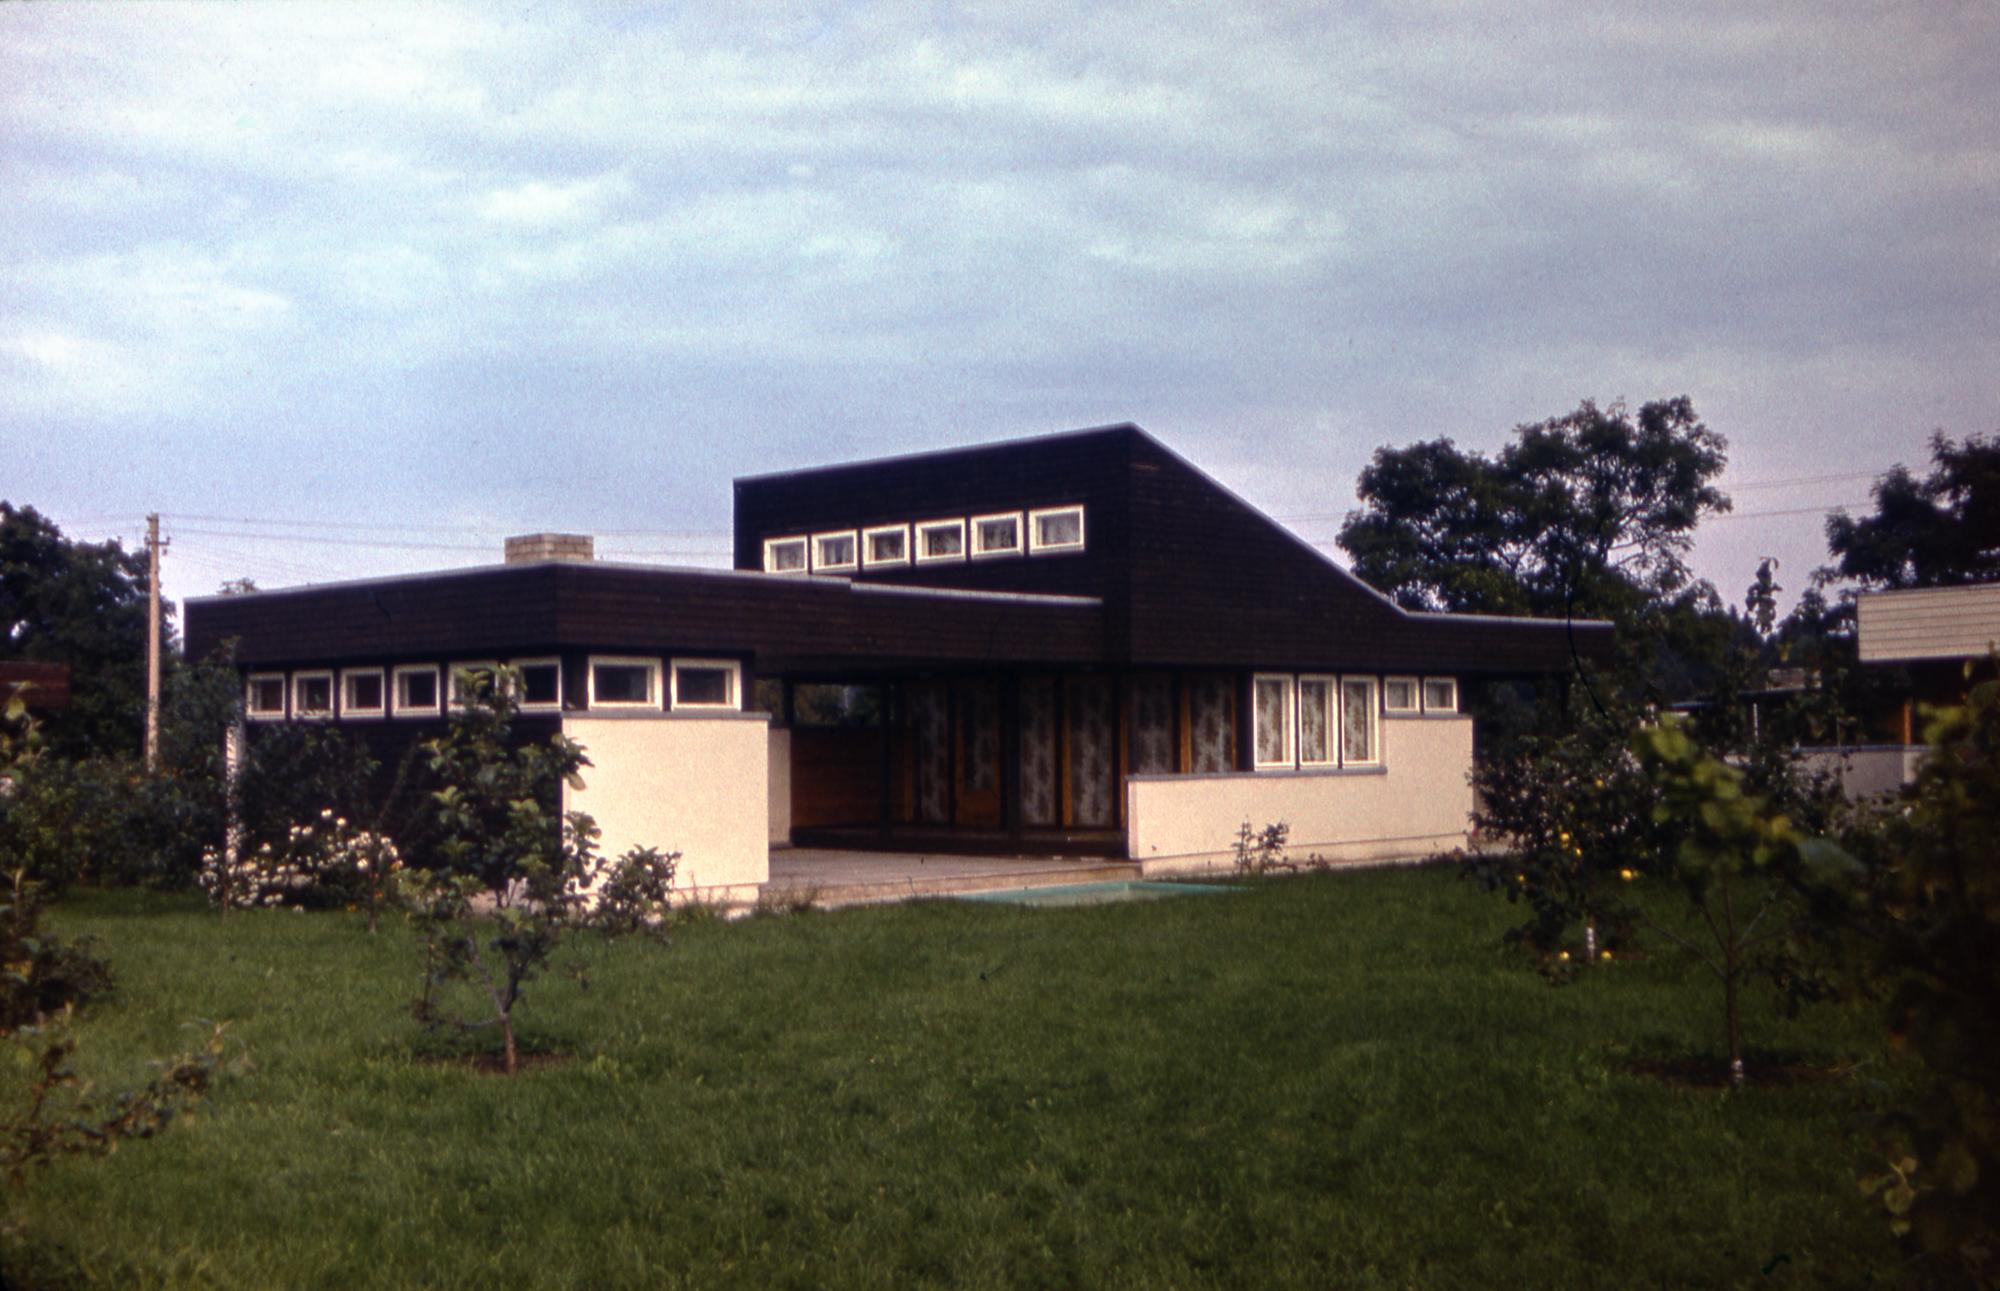 Lembit Aljaste projekteeritud ühest servast tõusva pööningukorrusega suvilat ehitati 1970. aastatel mitmetesse aianduskoopertiividesse. Foto: Eesti Arhitektuurimuuseum